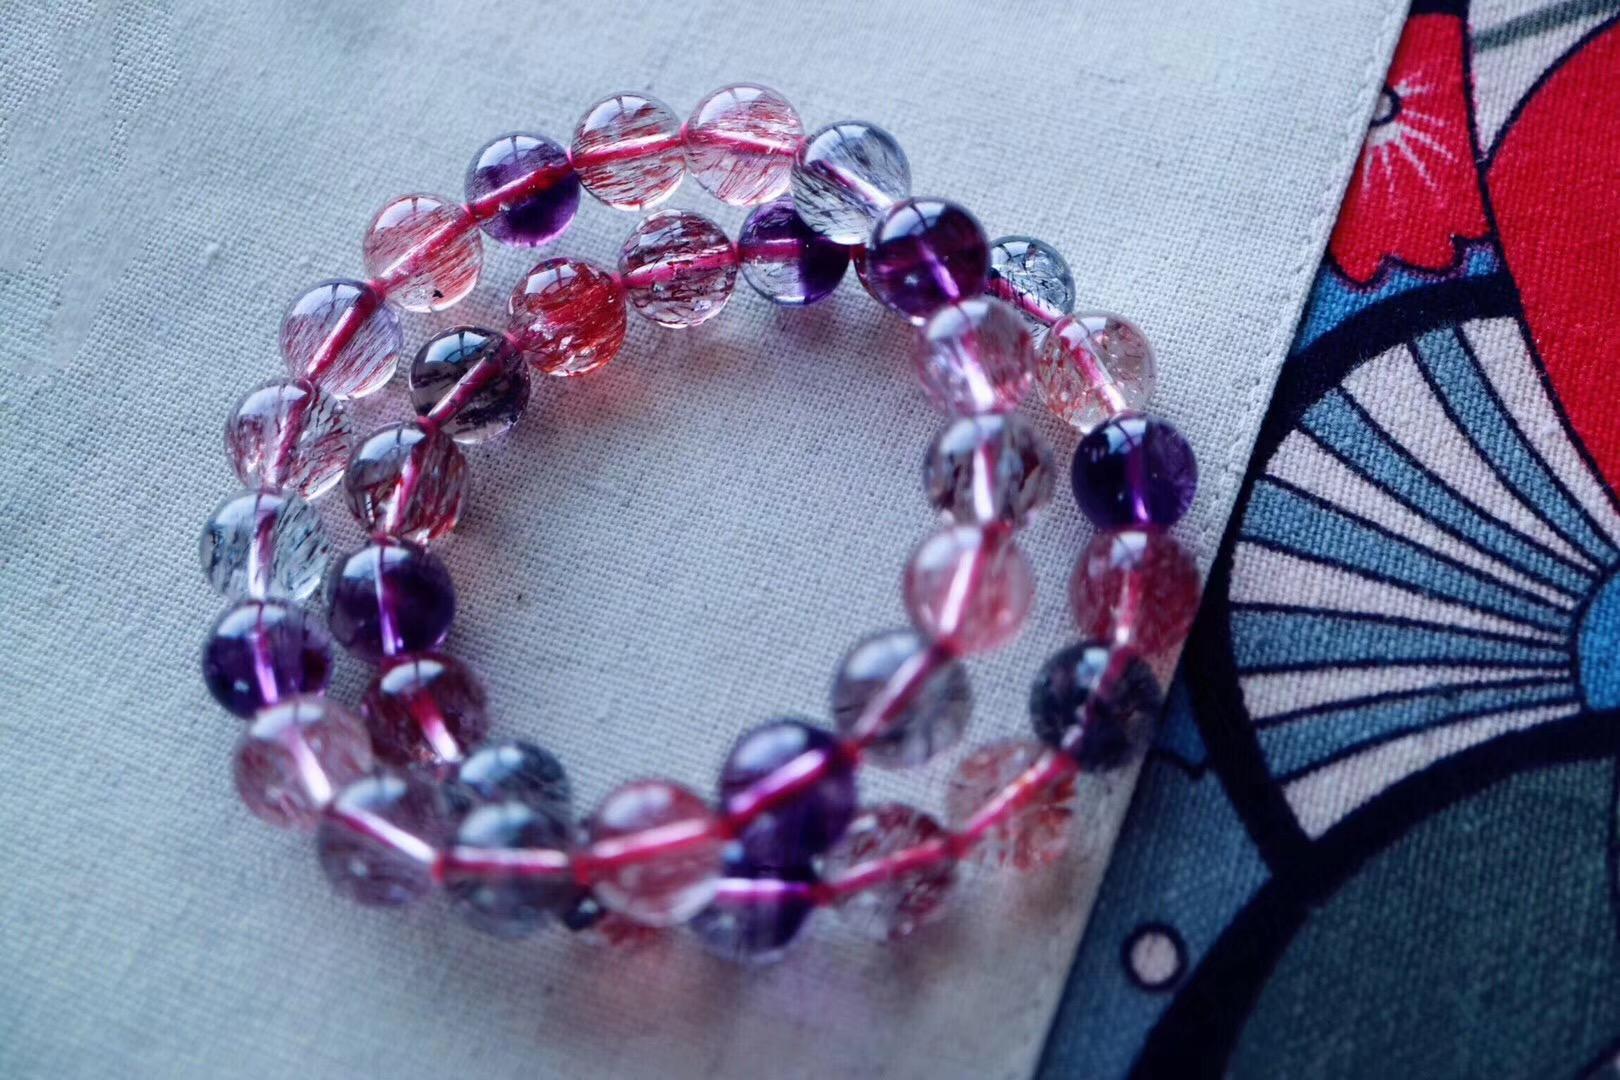 【紫发晶手链】发丝好顺好多,极品就是极品-菩心晶舍